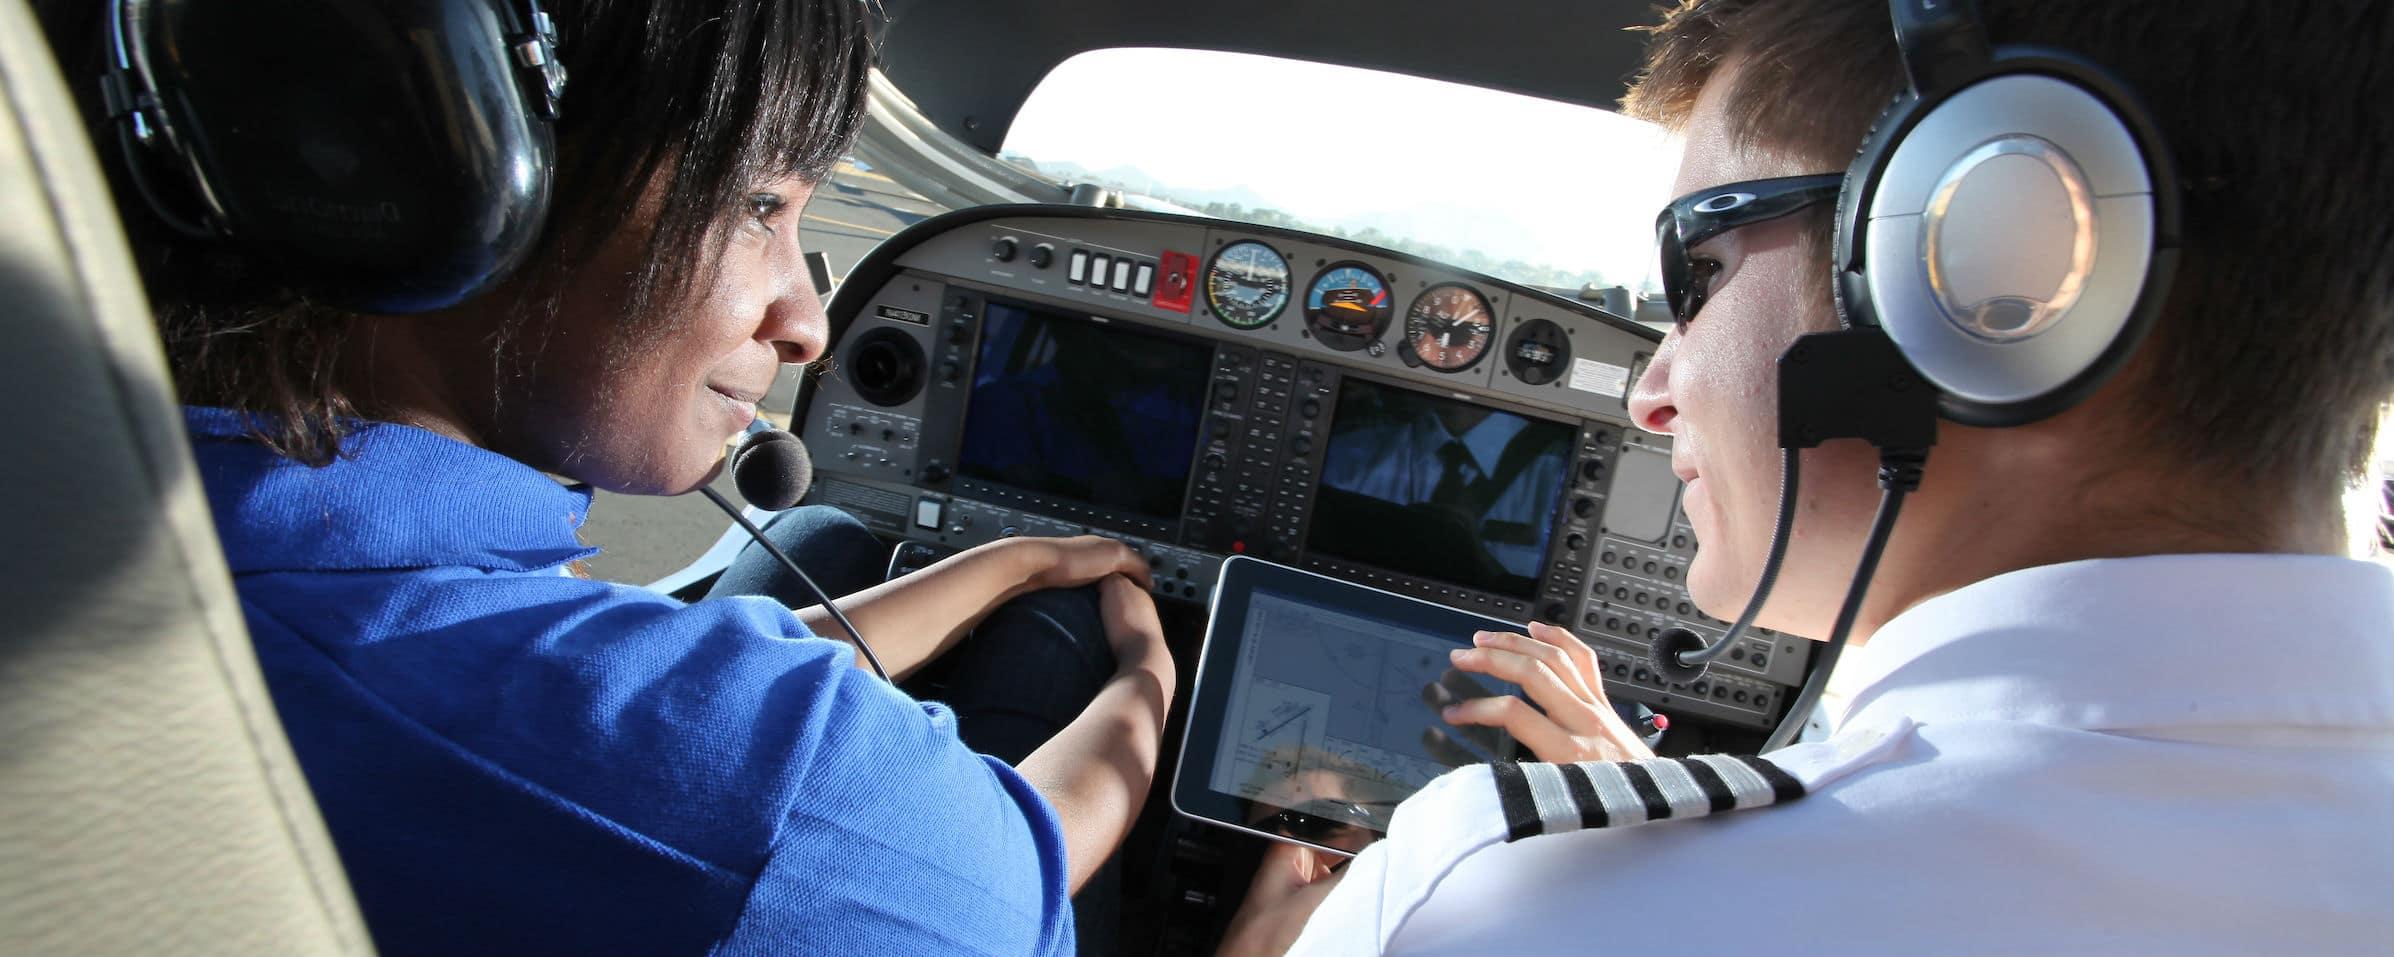 College Of Aviation Embry Riddle Aeronautical University Daytona